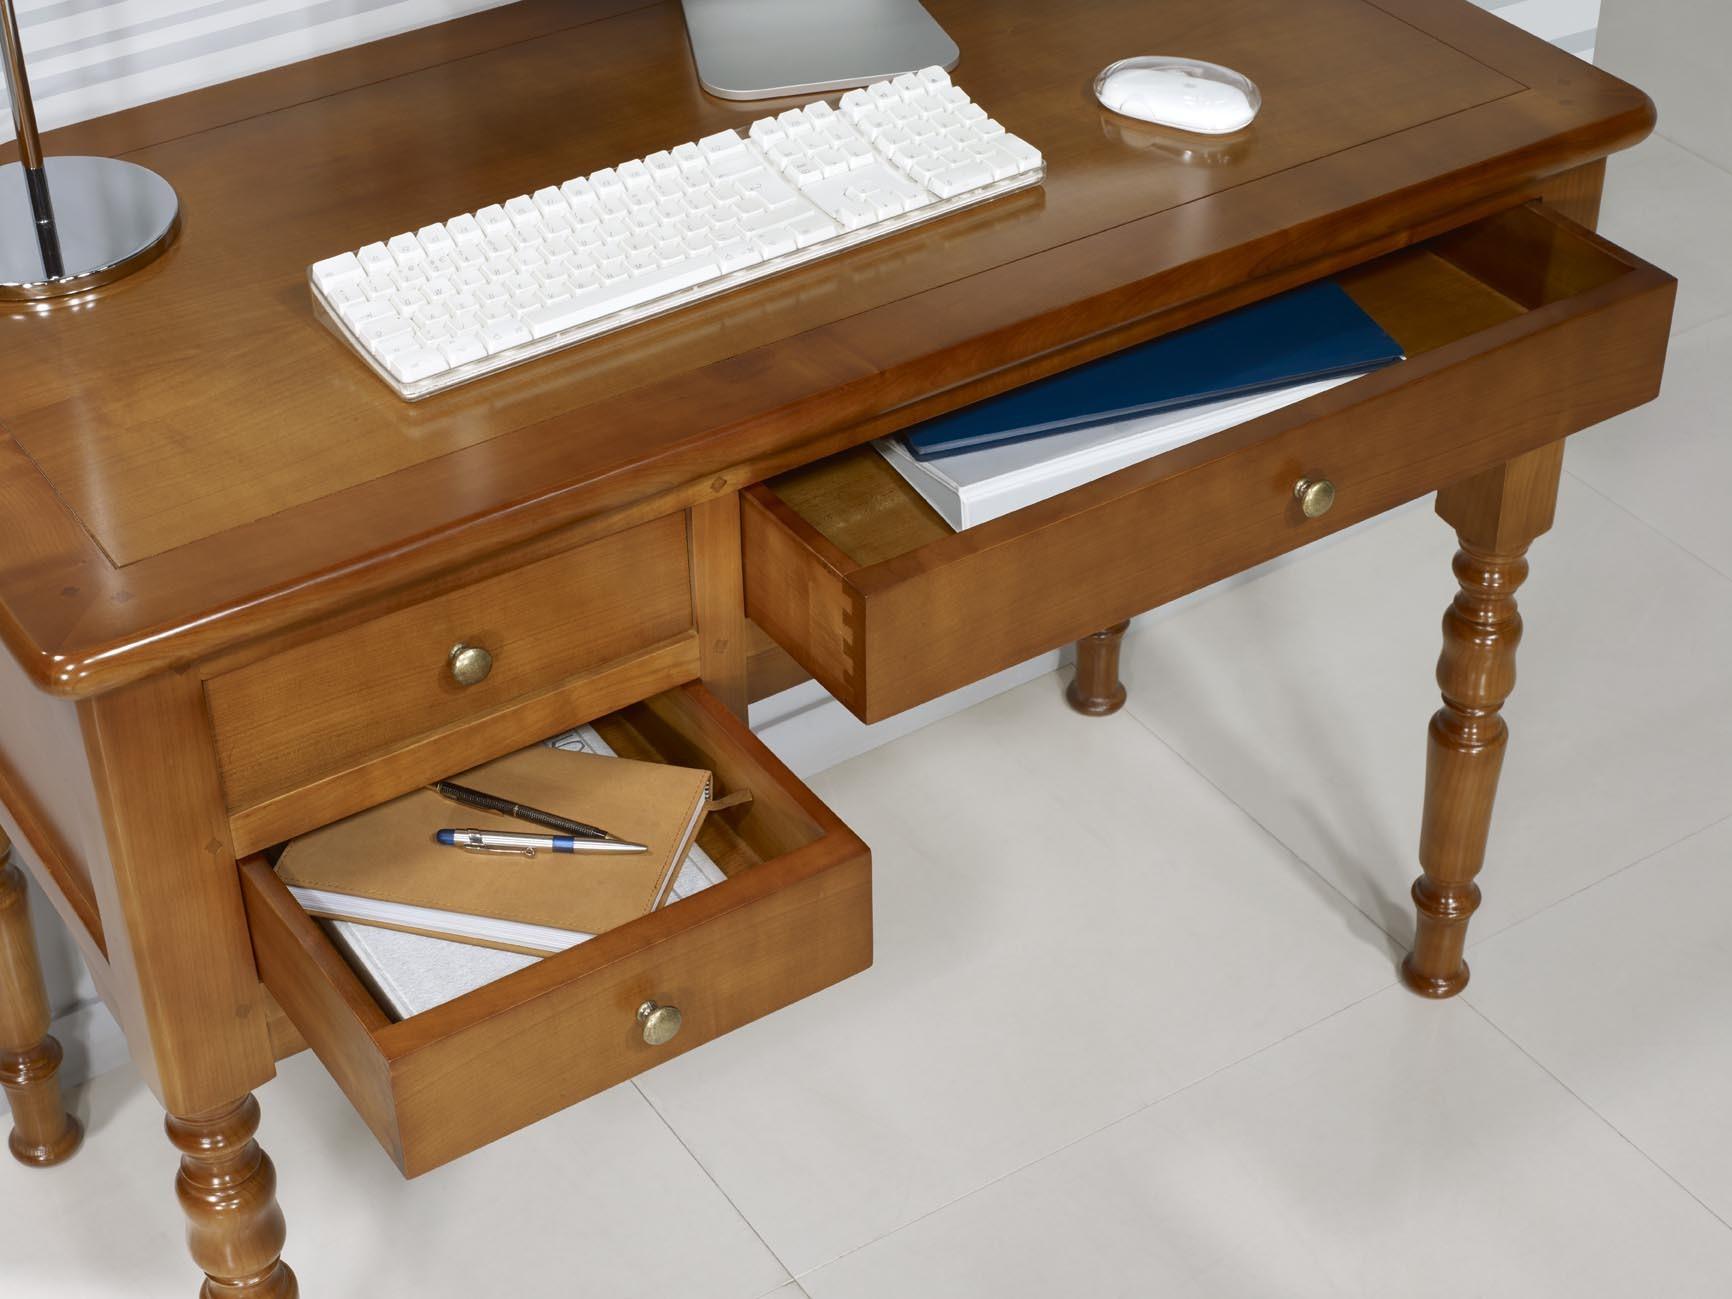 Mesa escritorio r my en madera maciza de cerezo estilo louis philippe meuble en merisier - Mesa escritorio madera ...